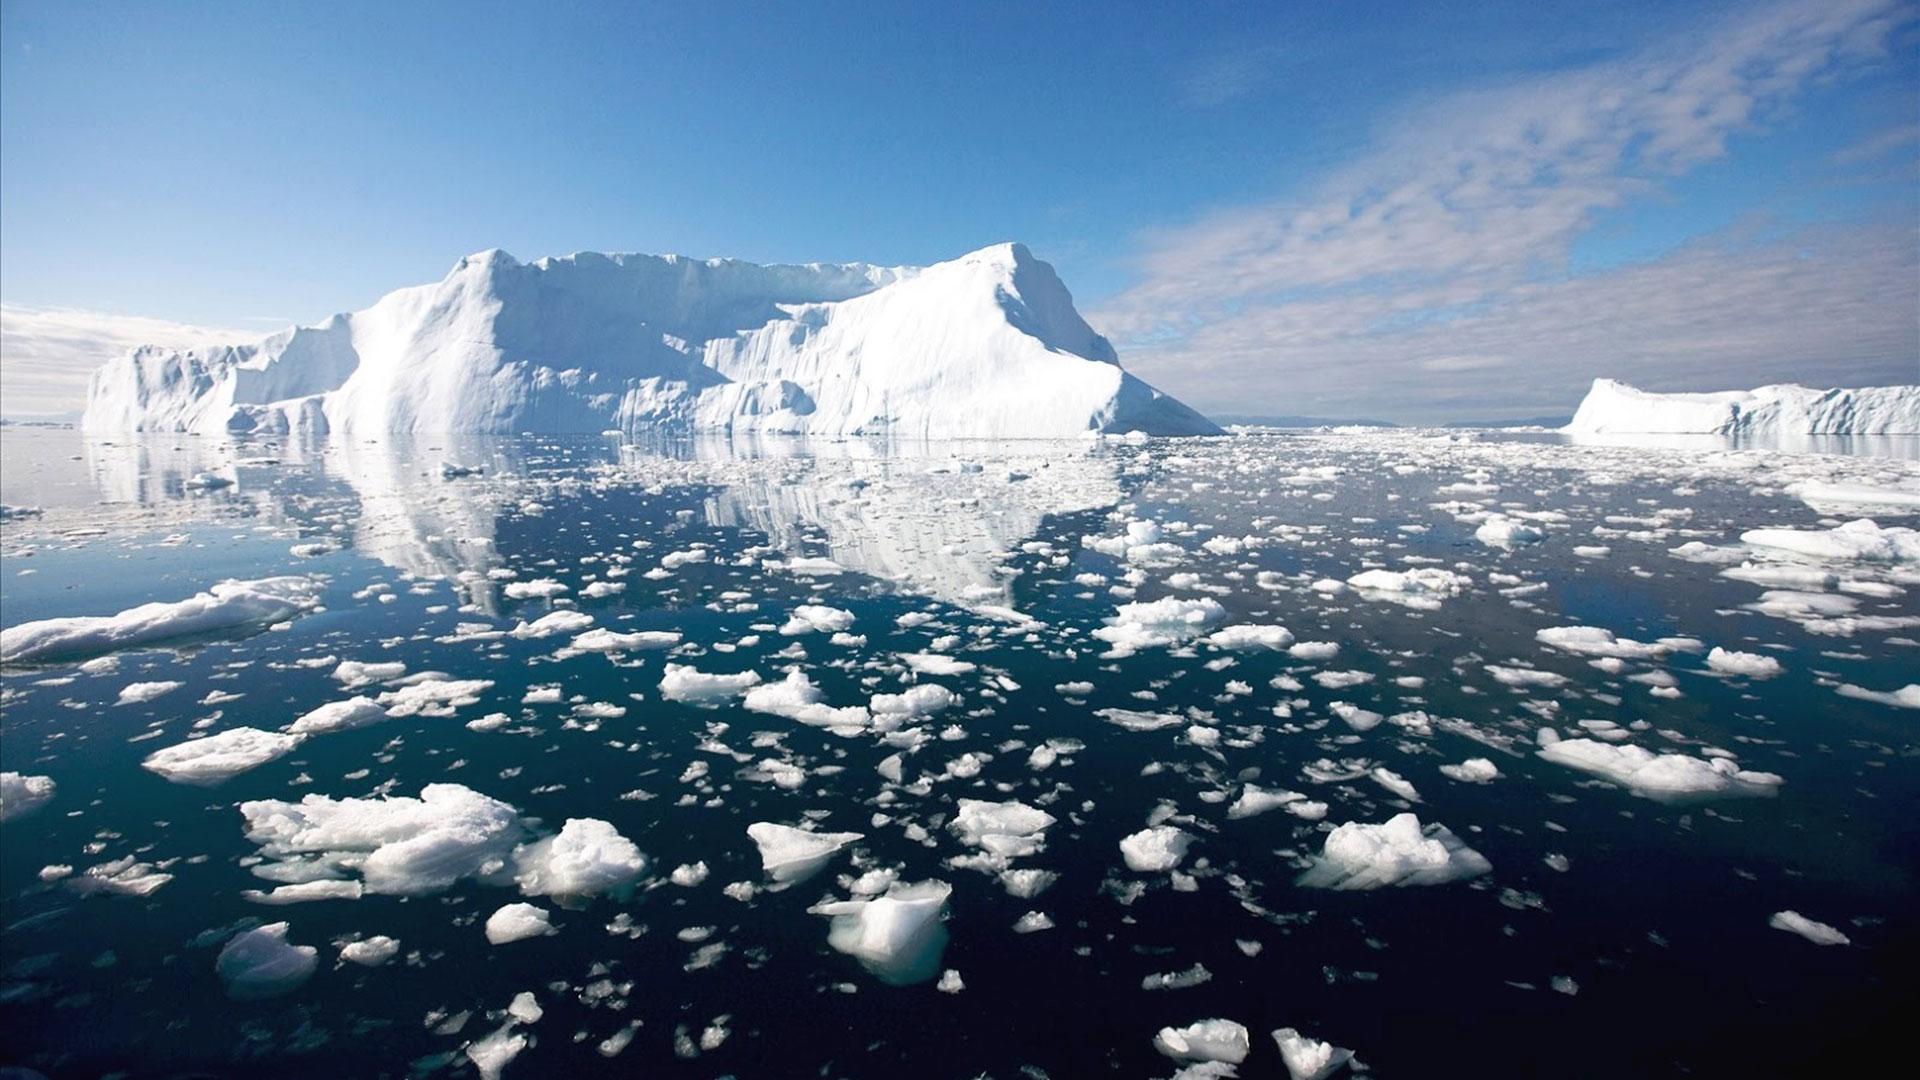 Elincremento de la llegada de materiales derivados del deshielo a las aguas del Ártico podría afectar al ecosistema de la fauna ártica, caracterizada por tener especies endémicas